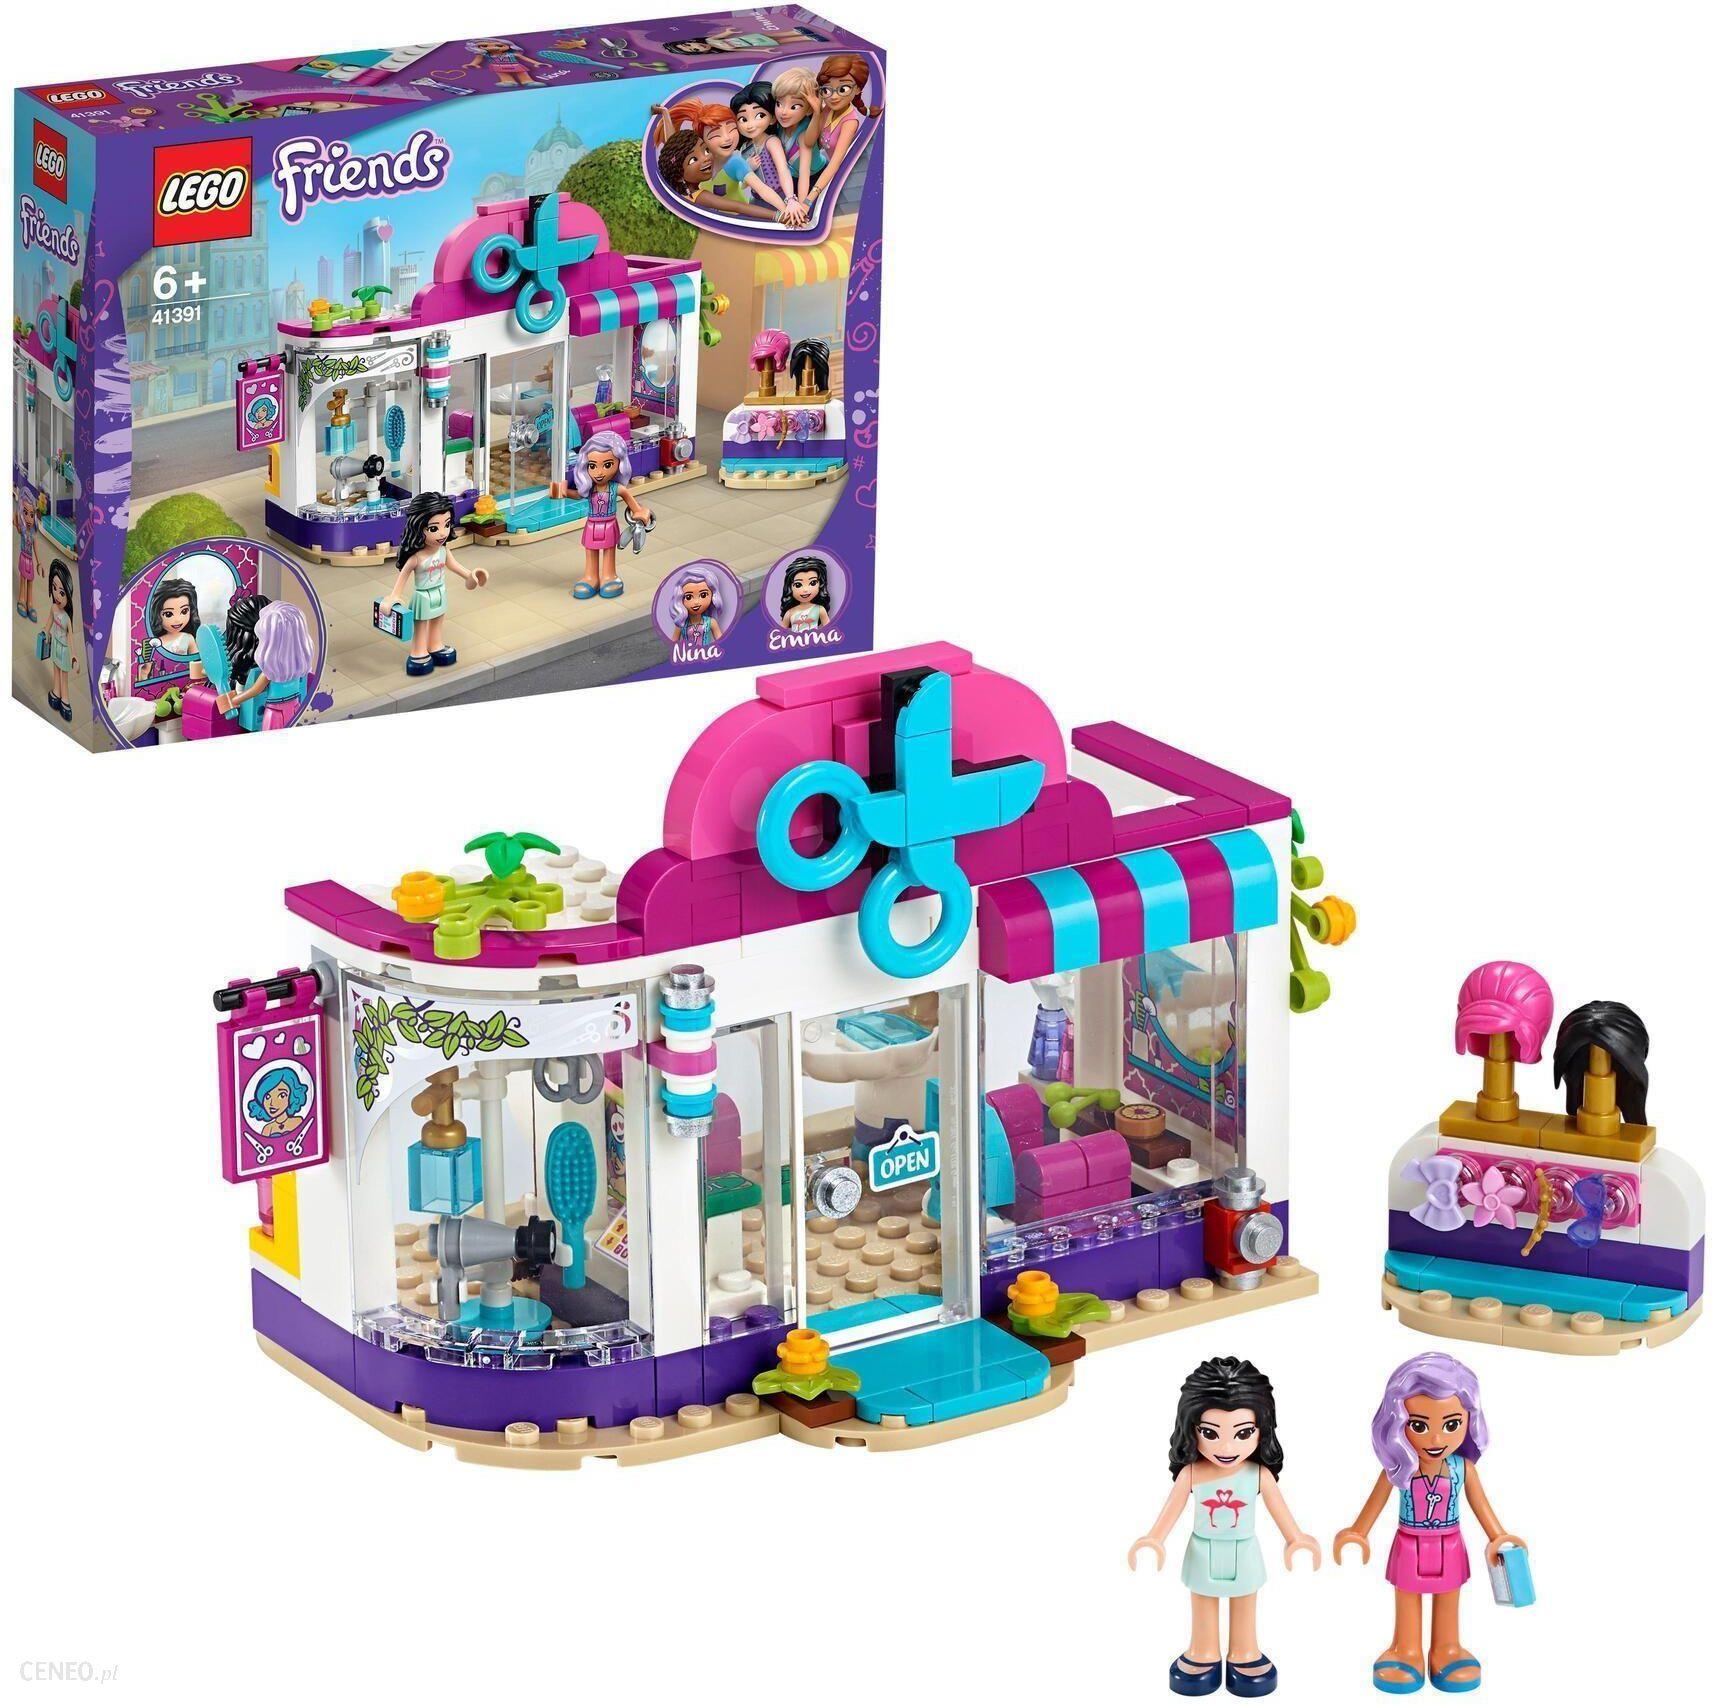 klocki lego friends dla dziewczynki salon fryzjerski